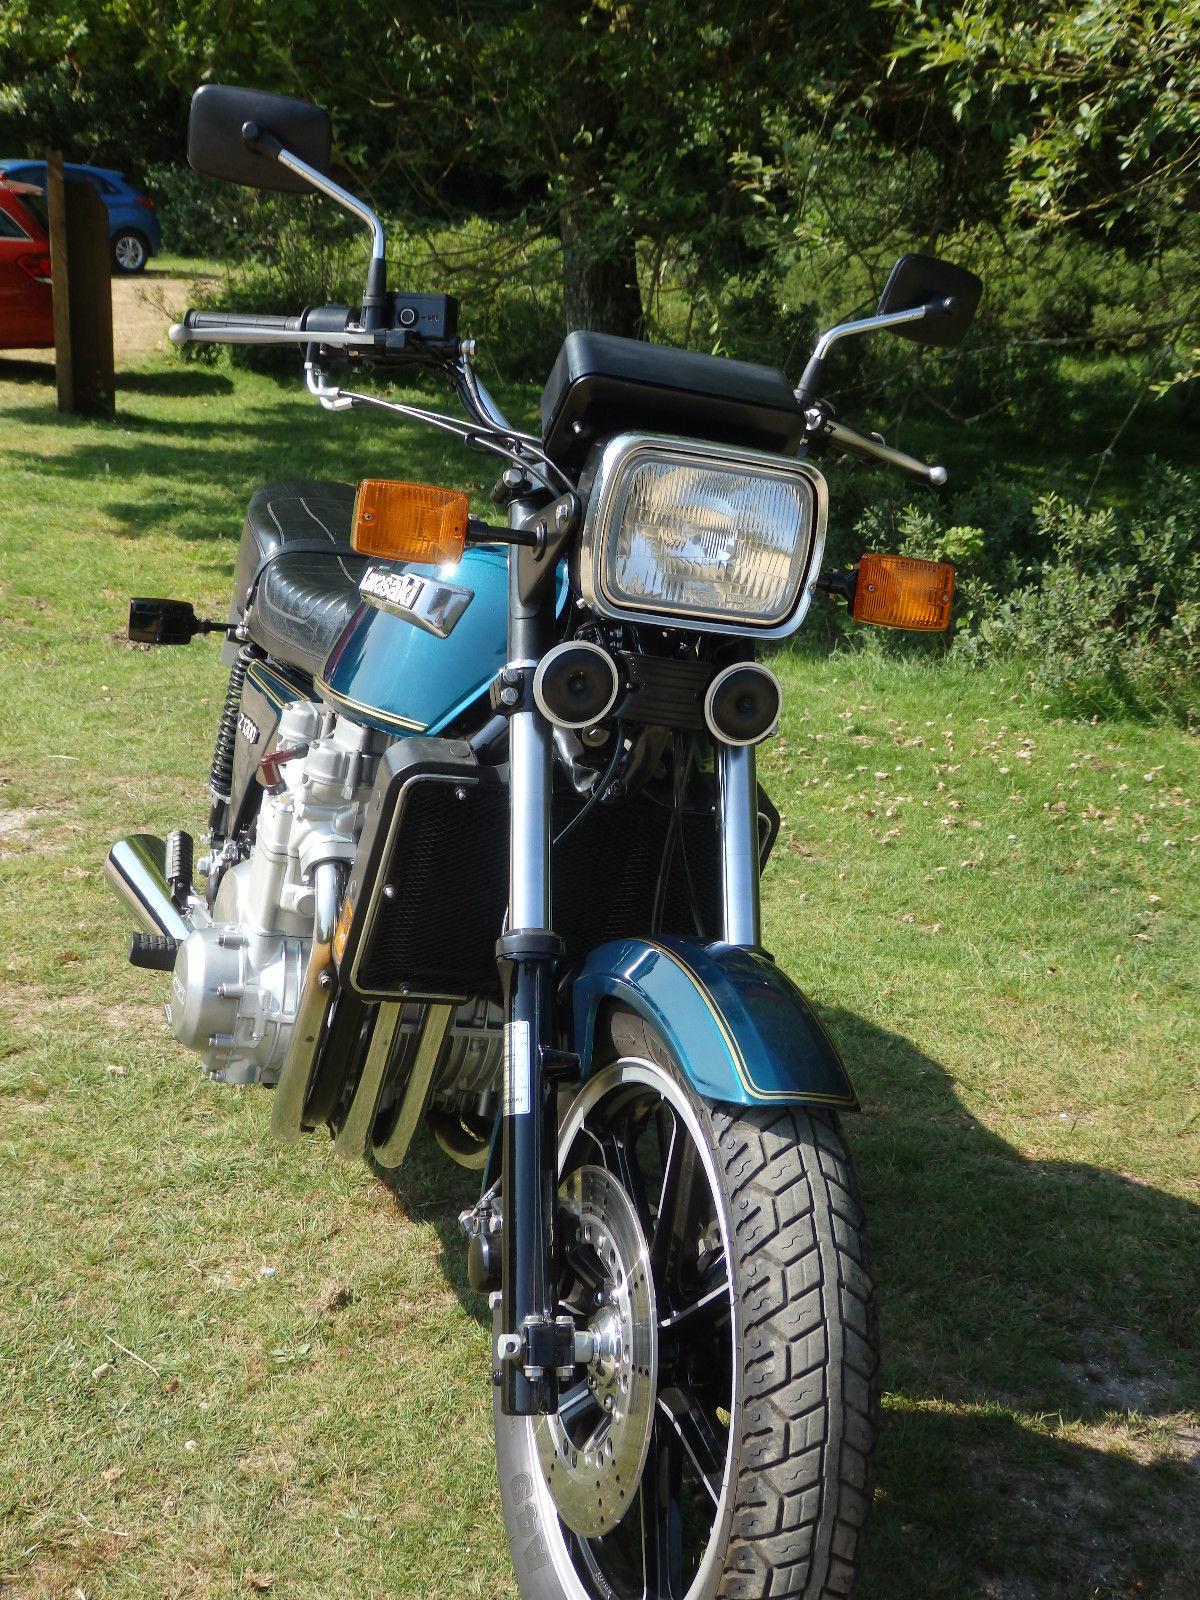 Kawasaki KZ1300 - 1979